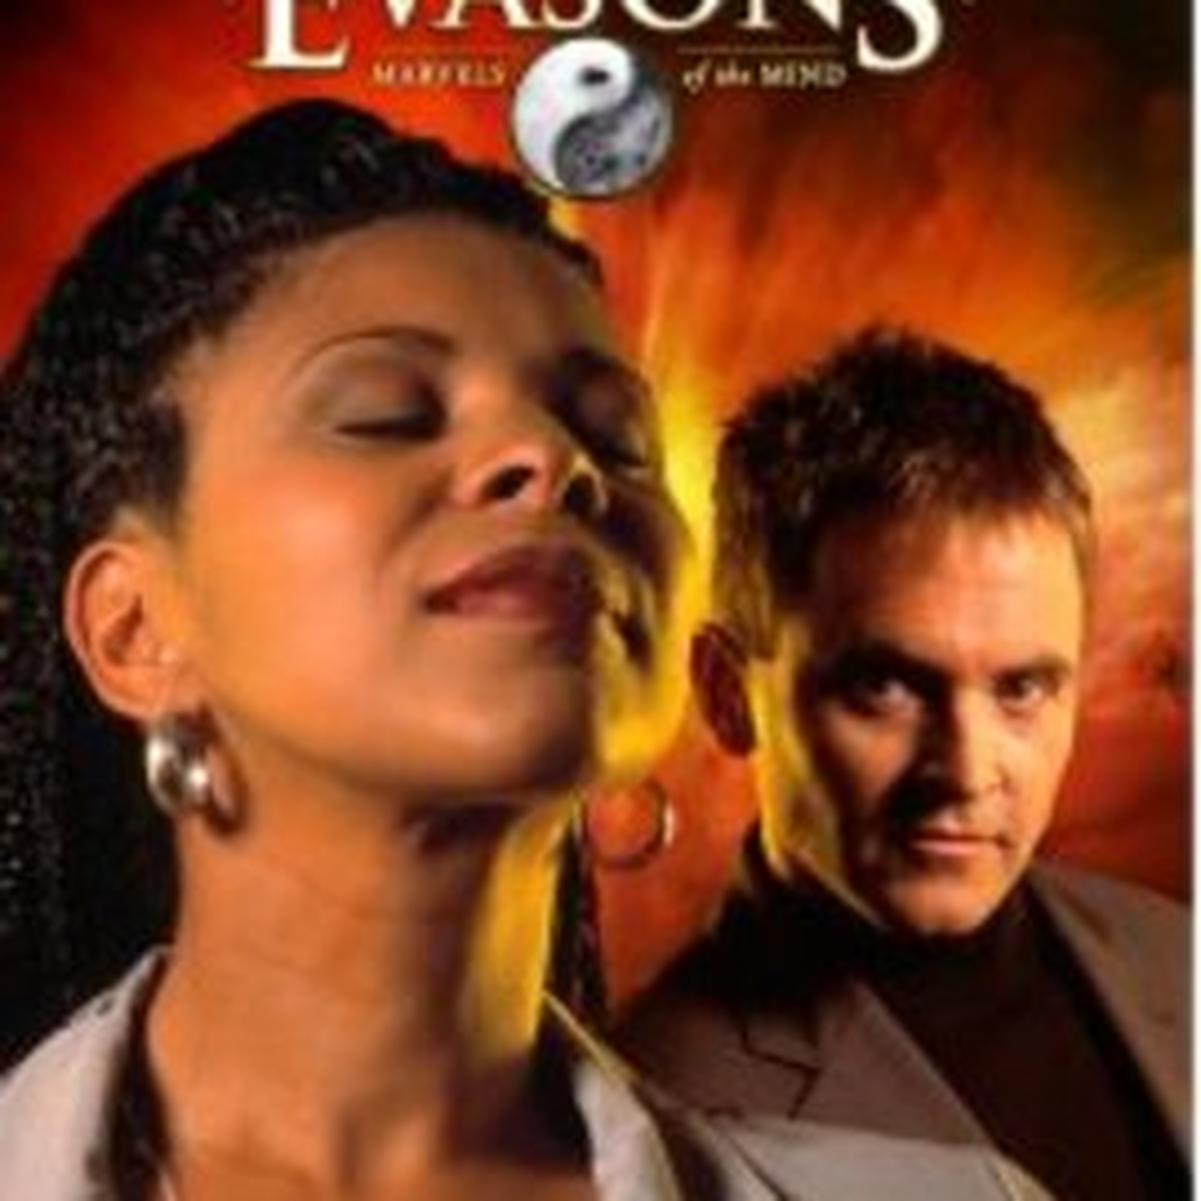 The Evasons